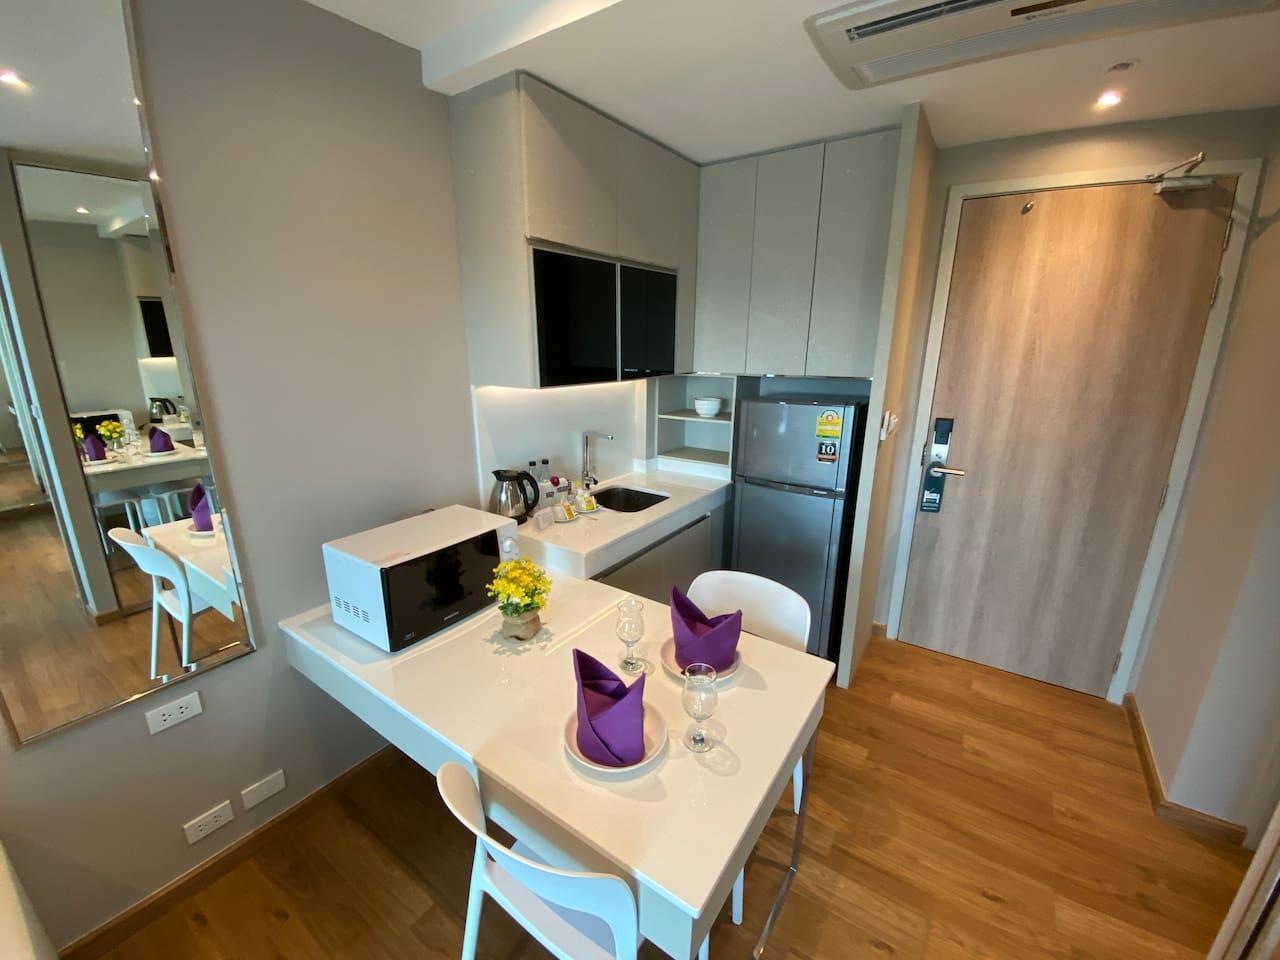 Dahla - Deluxe 1 อพาร์ตเมนต์ 1 ห้องนอน 1 ห้องน้ำส่วนตัว ขนาด 35 ตร.ม. – อ่าวนาง